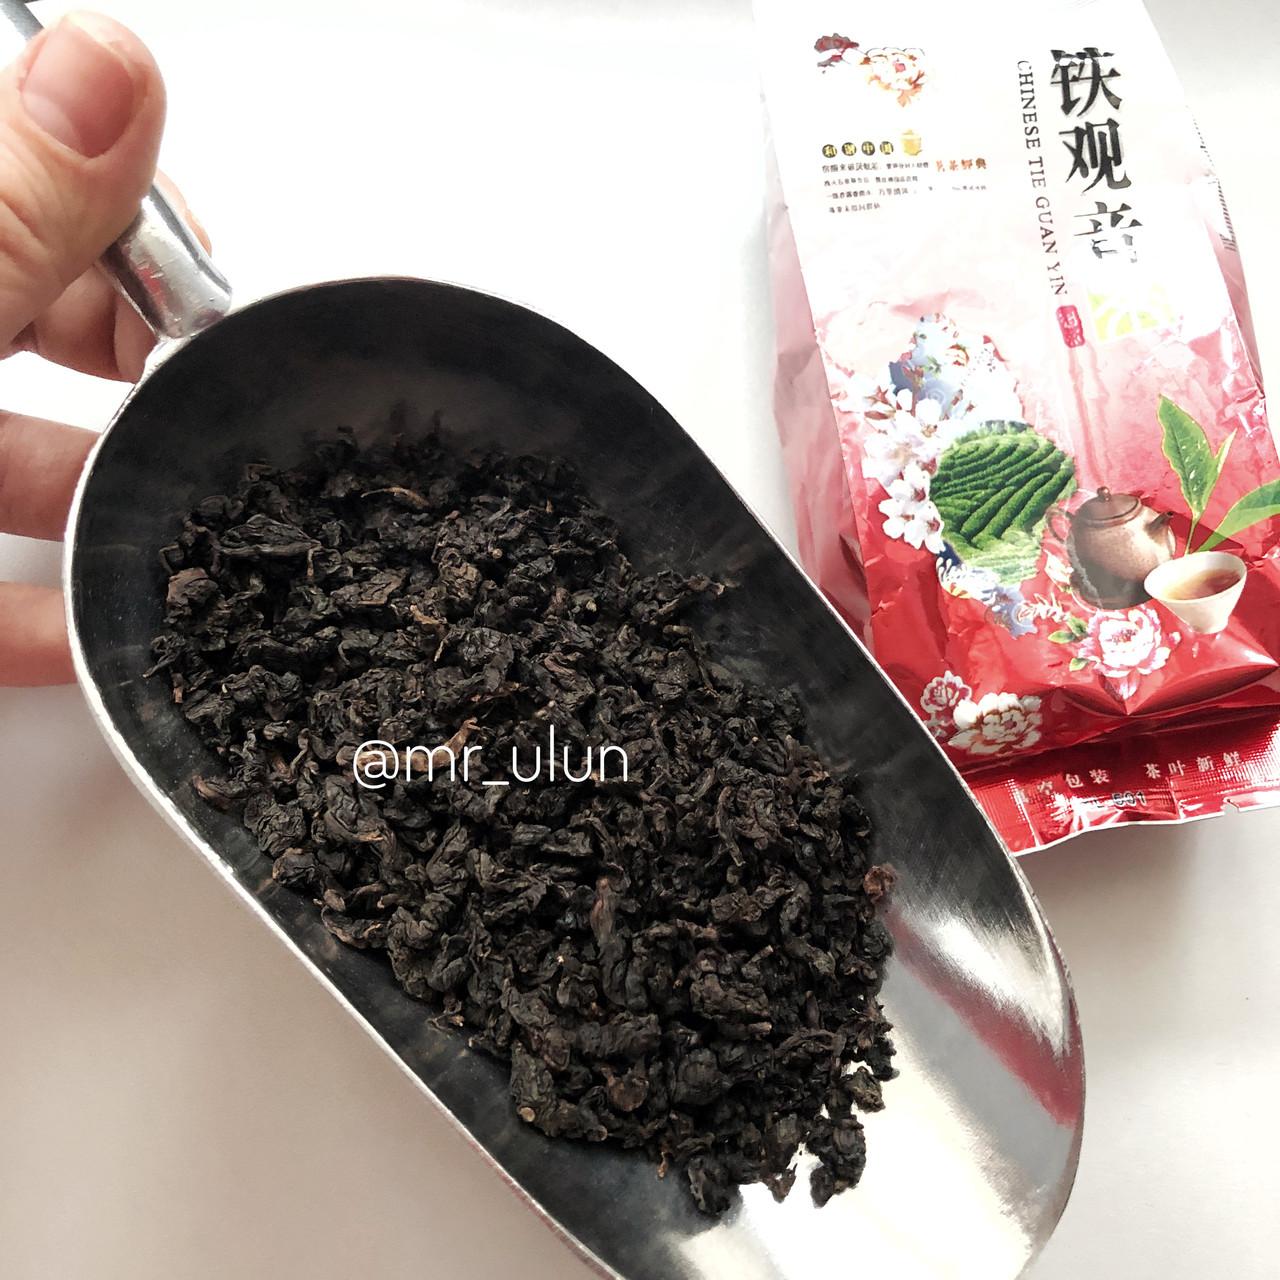 Тёмный улун Тегуаньинь прожаренный (Черный Те Гуань Инь) 50 г